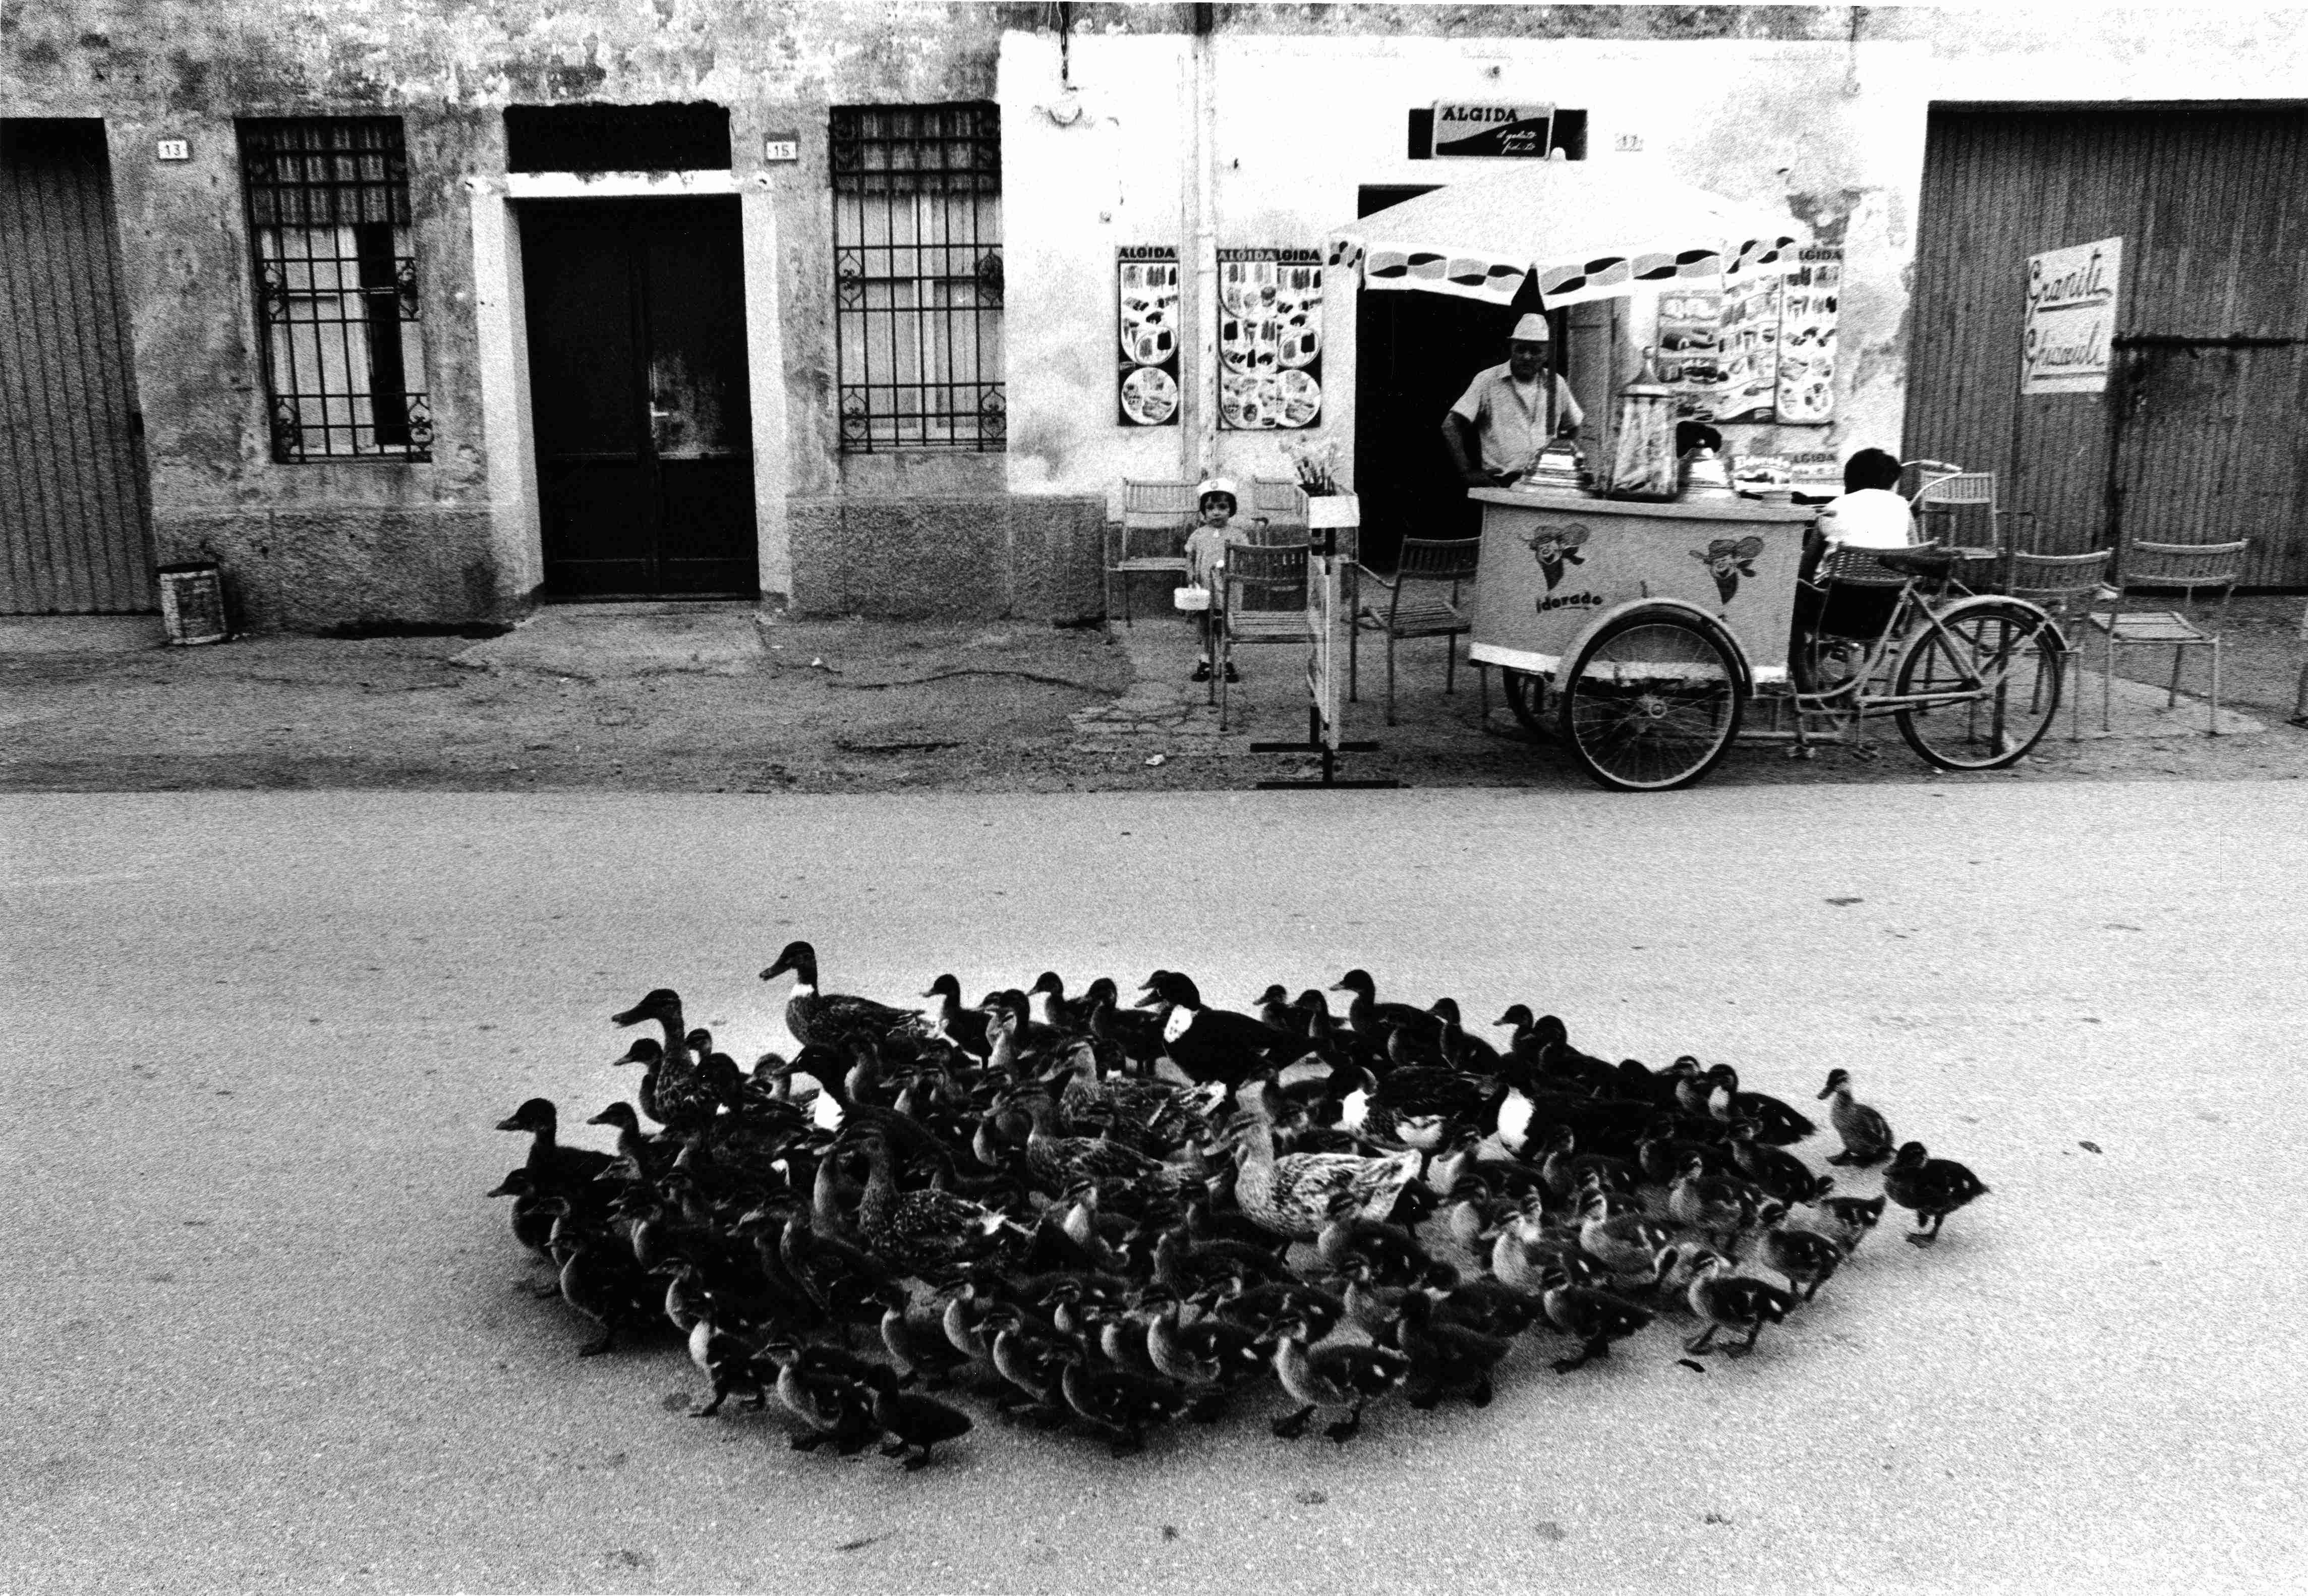 Sulla strada del Santuario di S.Maria delle Grazie, Mantova, 1973 © Toni Nicolini/ Archivio CRAF